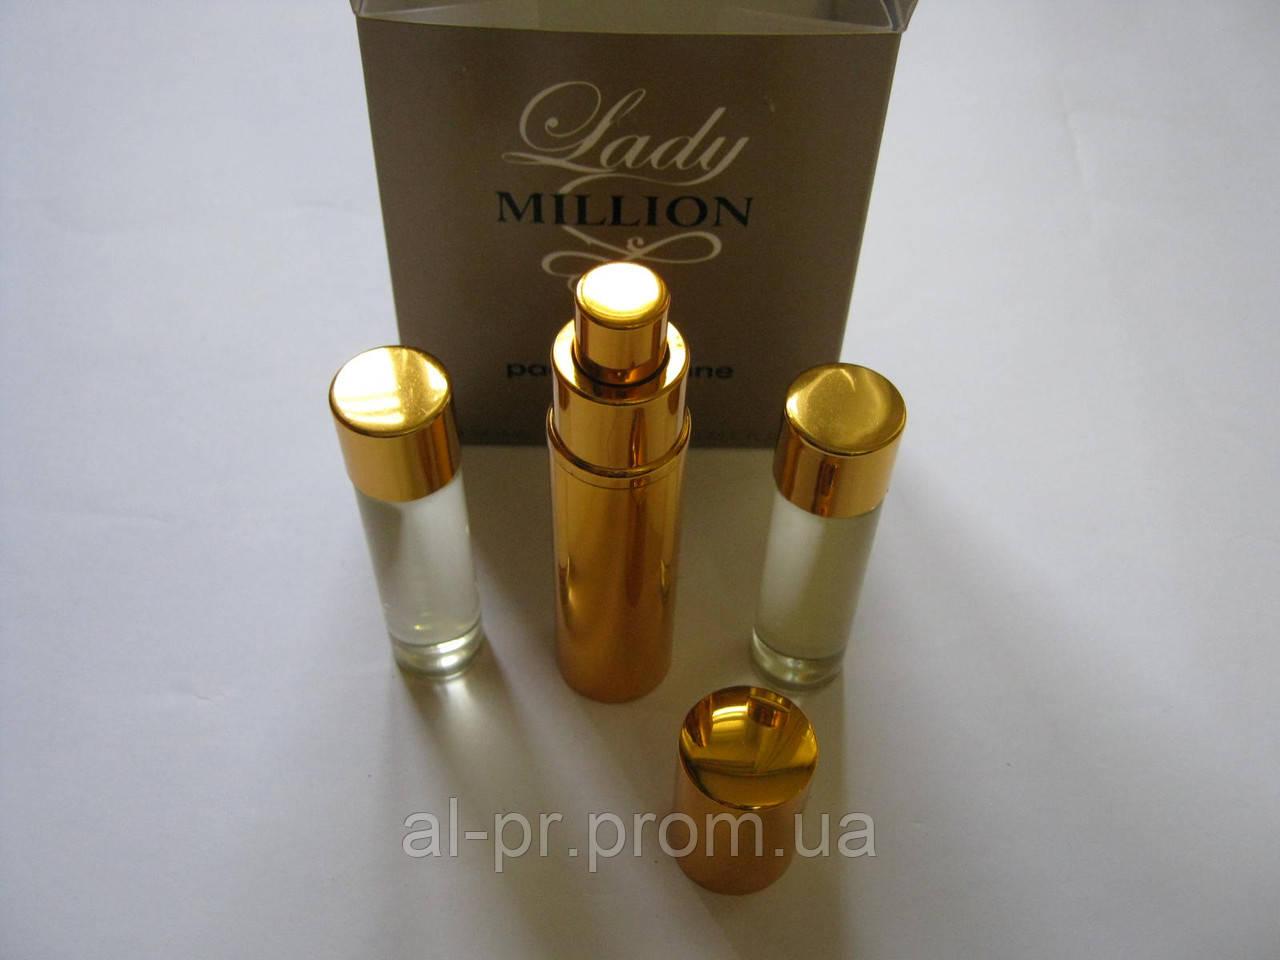 Набор парфюмерии Paco Rabanne Lady Million